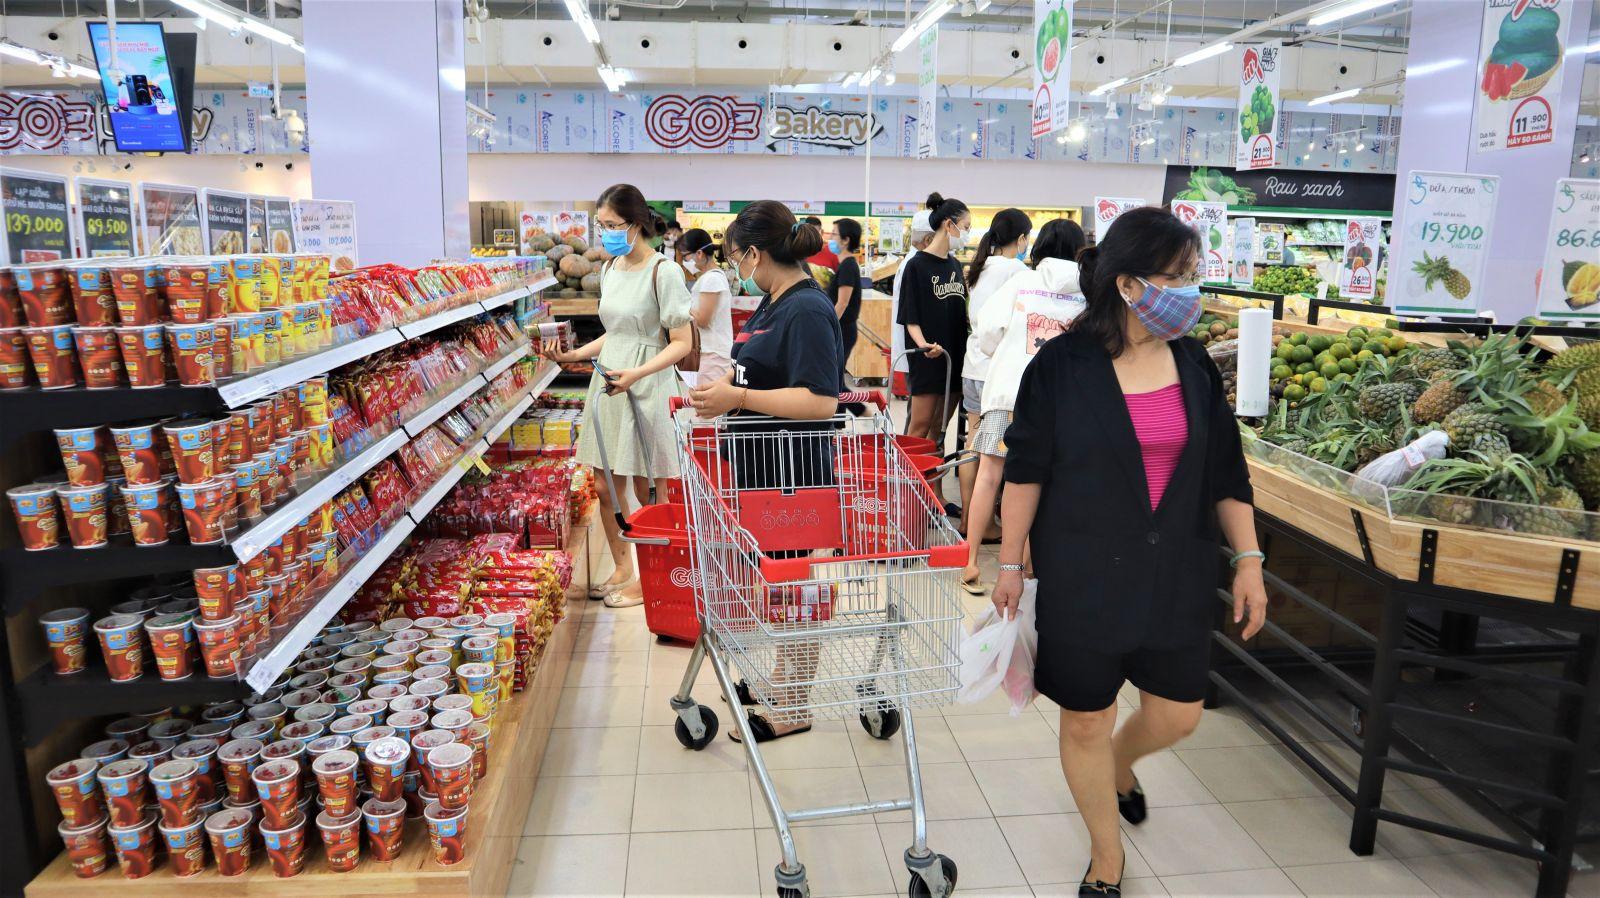 Hệ thống các siêu thị, nhà phân phối đã cam kết và sẵn sàng cung ứng tăng 3-5 lần các chủng loại thực phẩm.